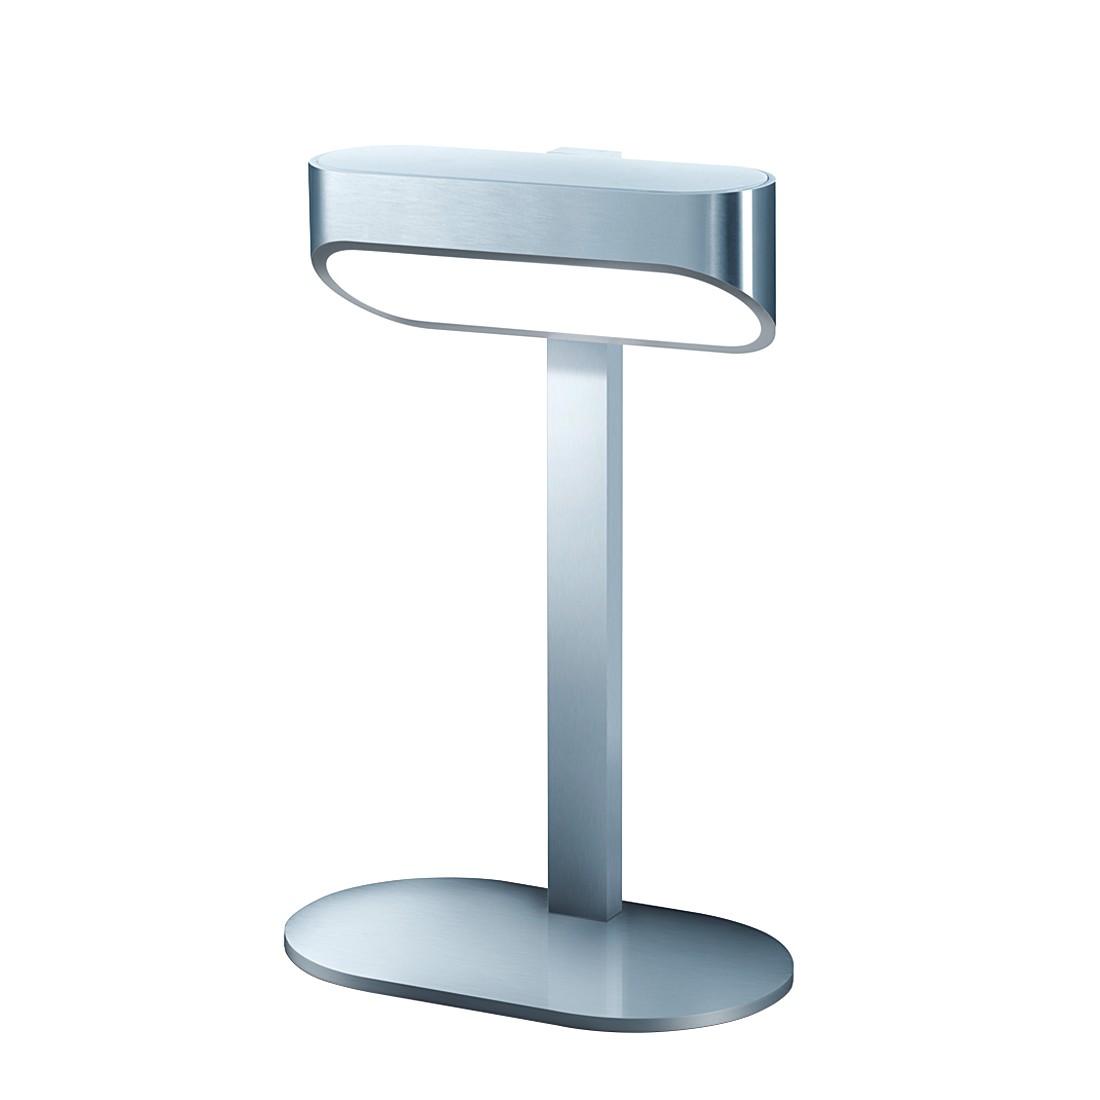 Tischleuchte ONNO – Metall – 1-flammig, Helestra online bestellen